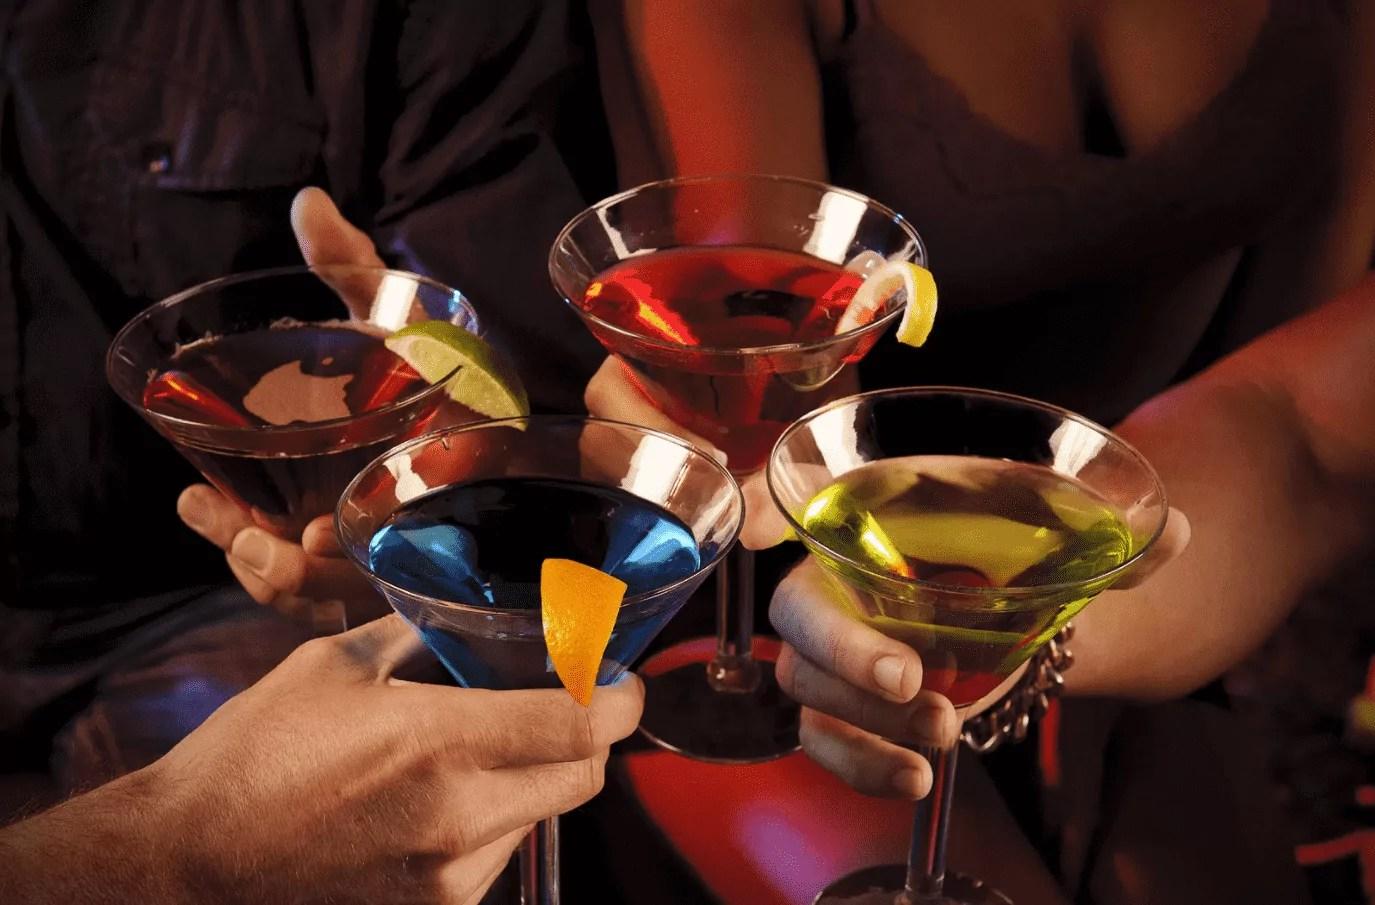 Foto mostra pessoas brindando com drinks